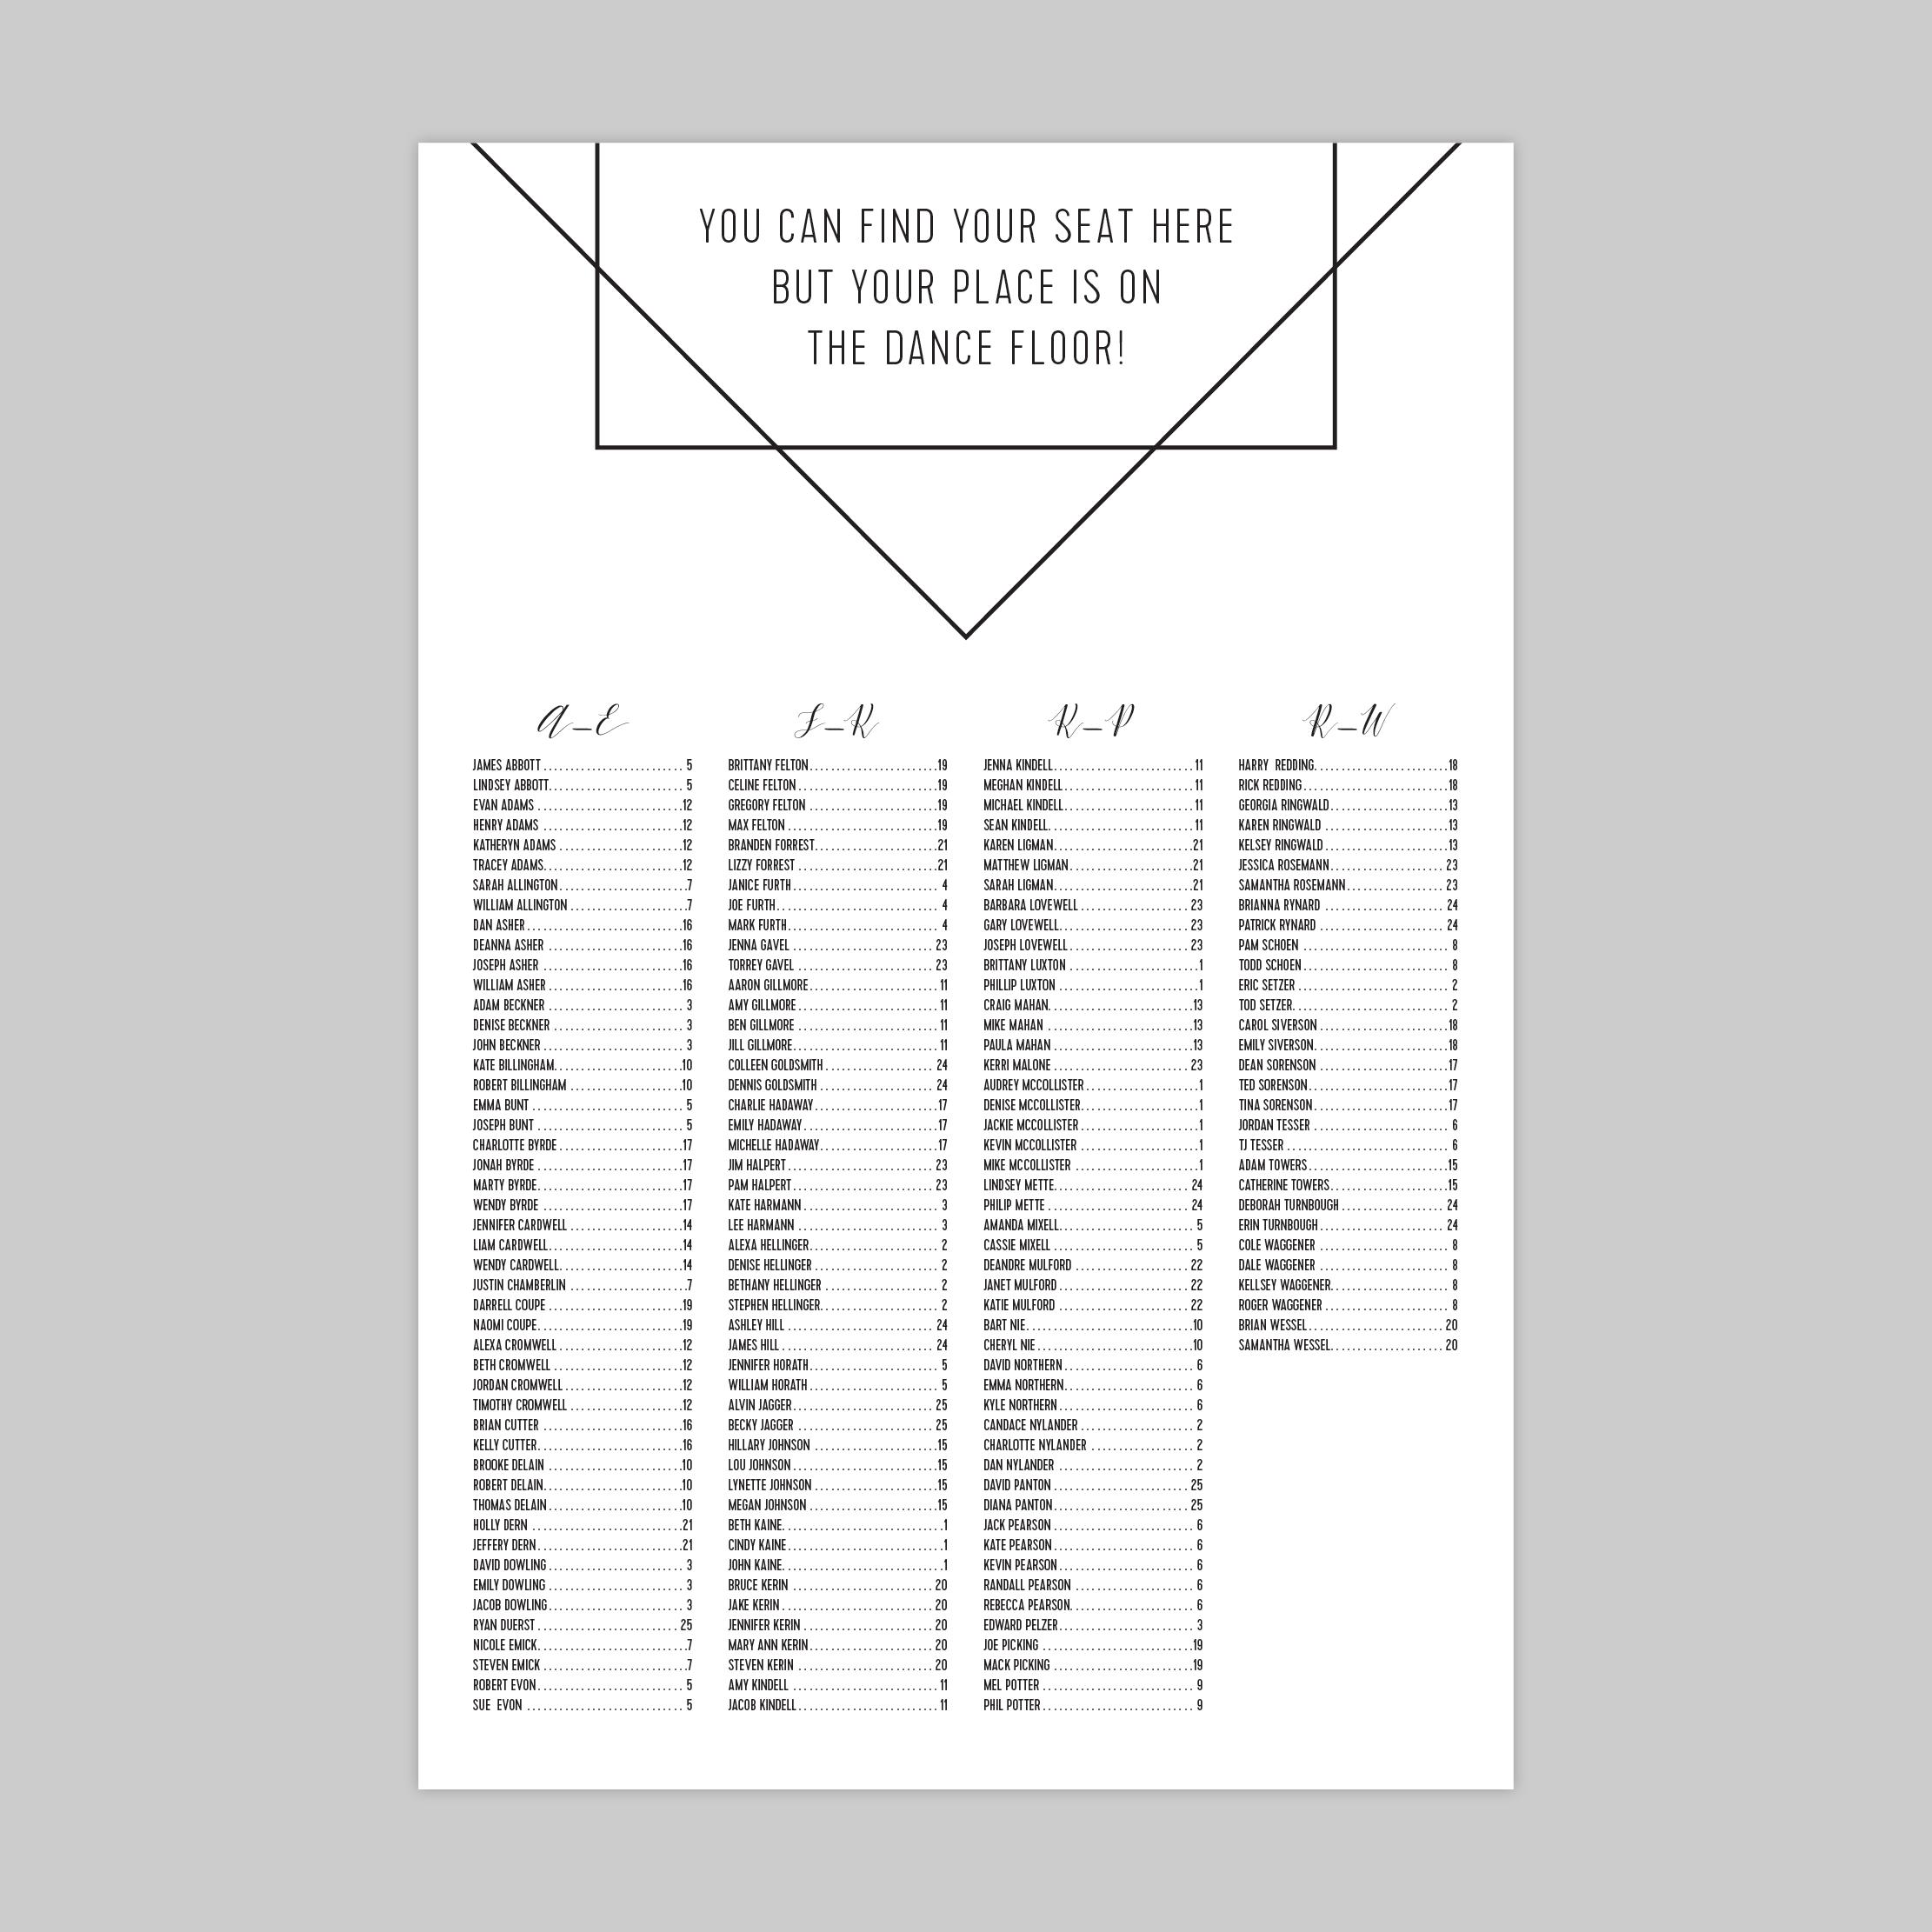 Seating Chart No. 10